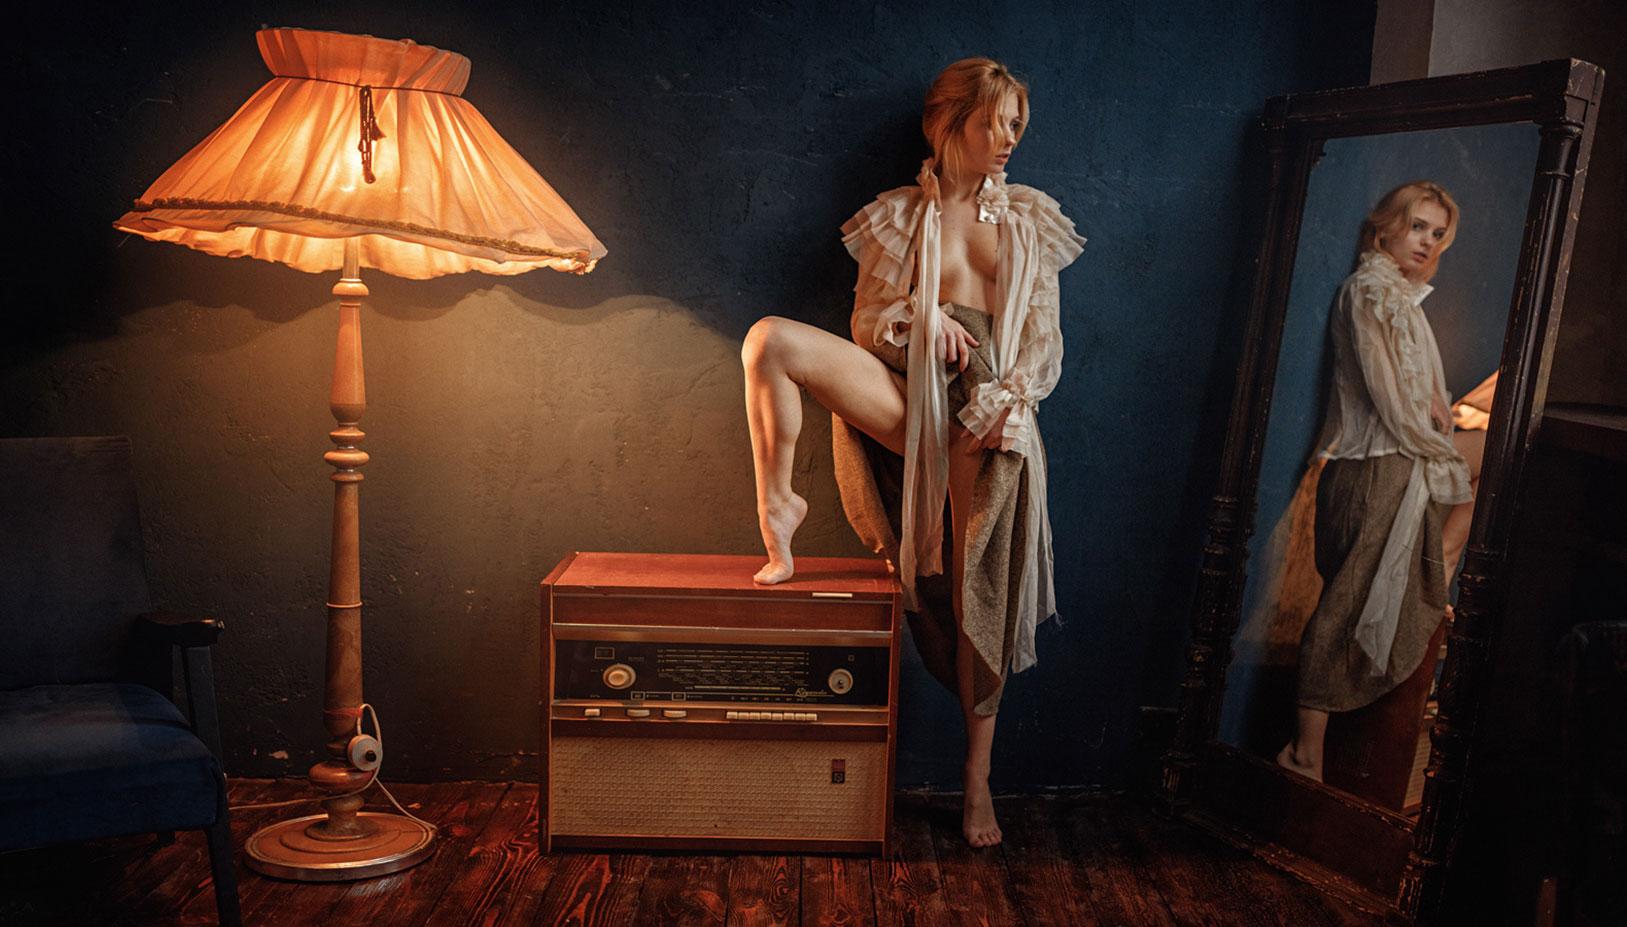 Марта Громова / фото 01